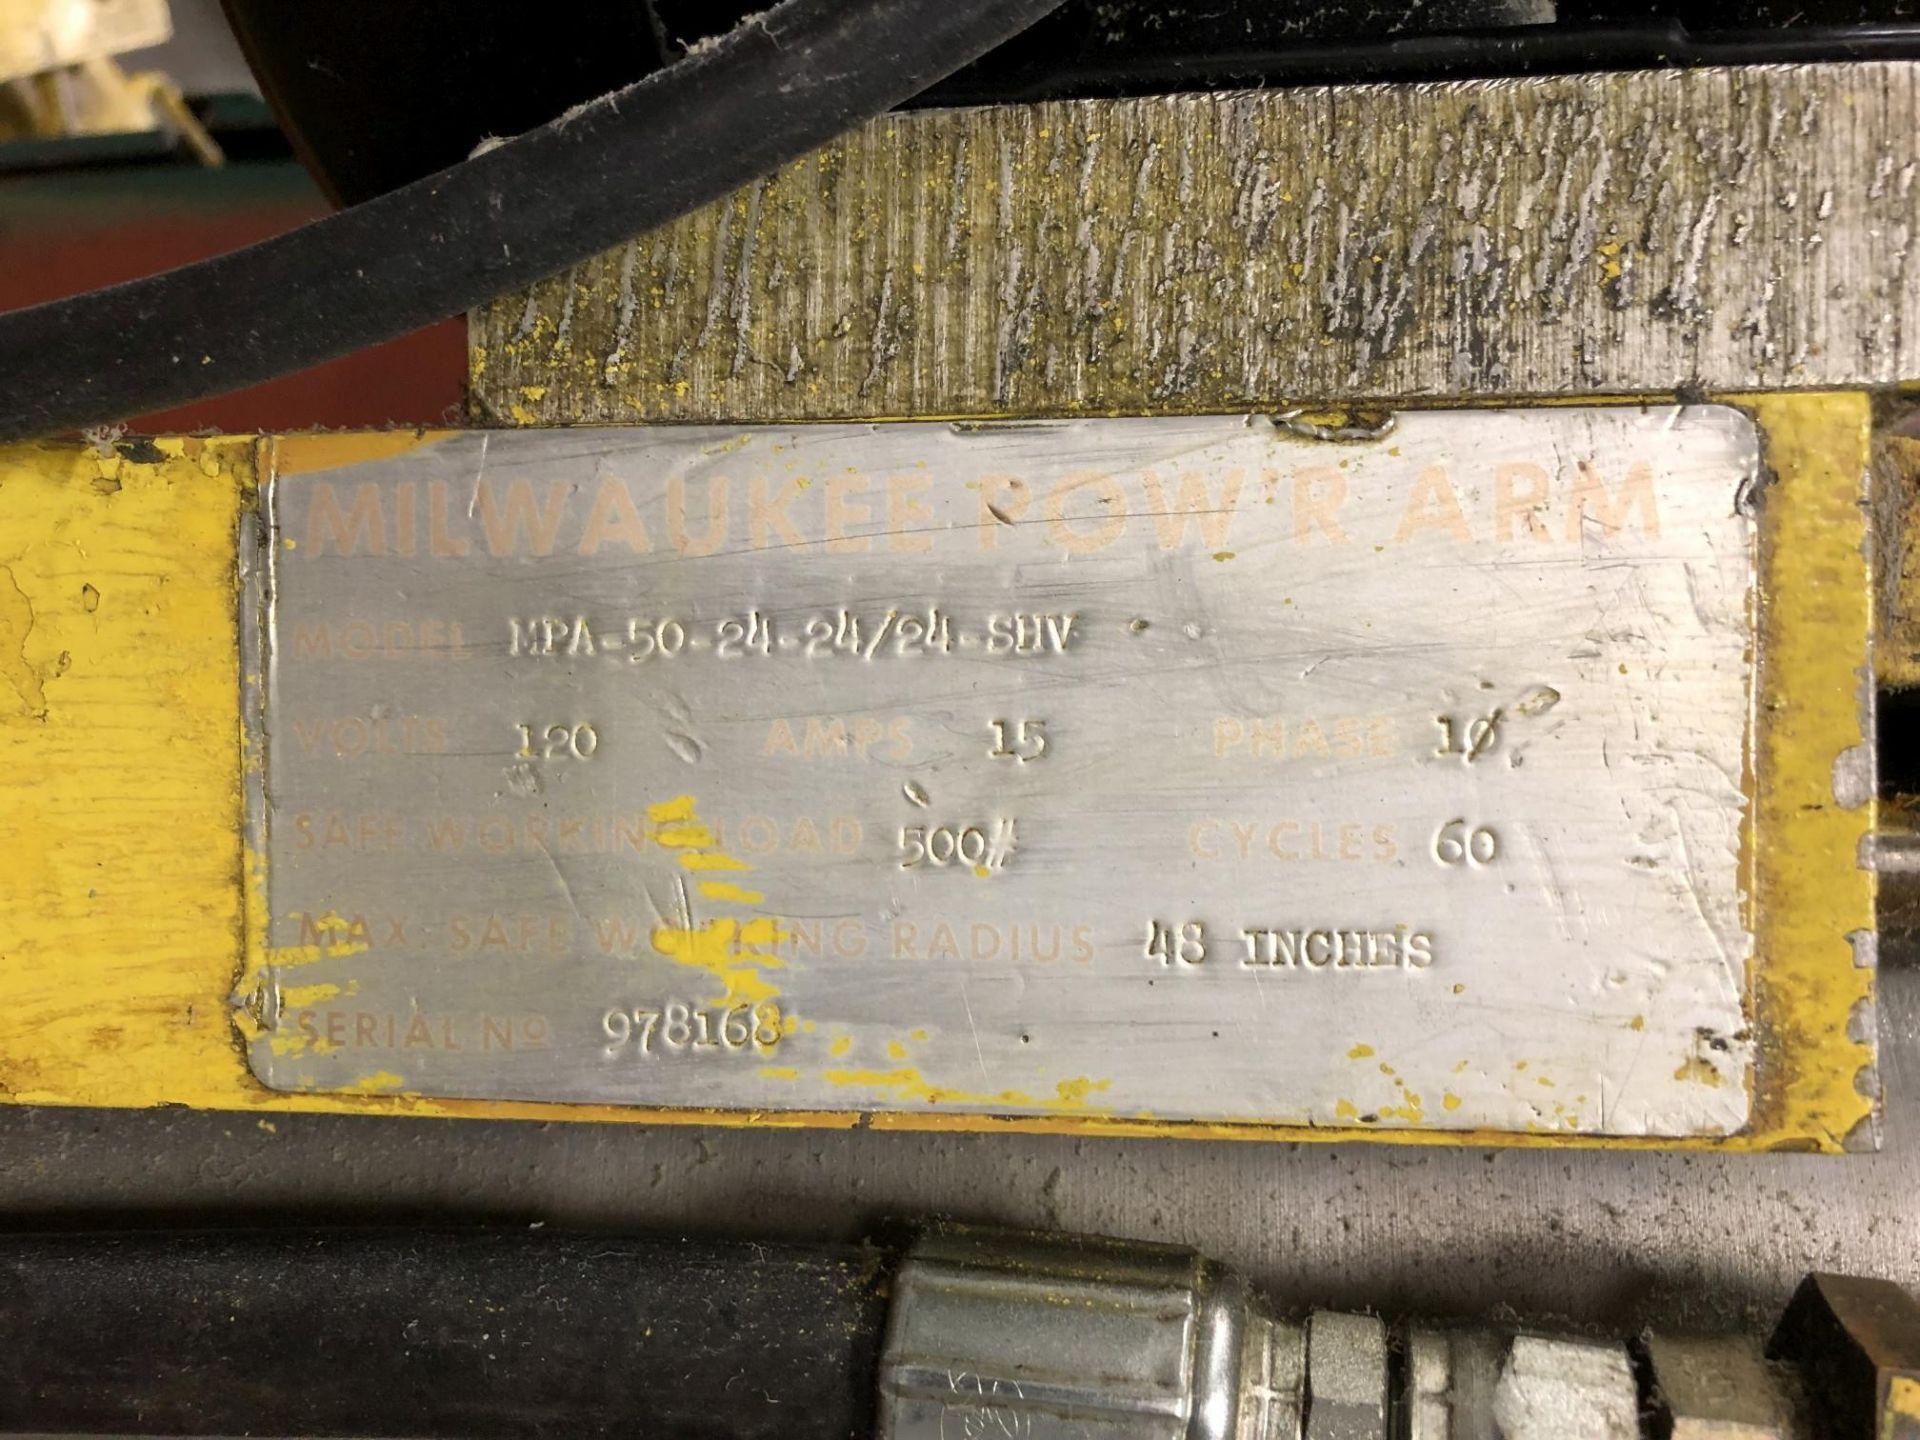 1000 Ton Komatsu Maypress Knuckle Joint Press - Image 19 of 22